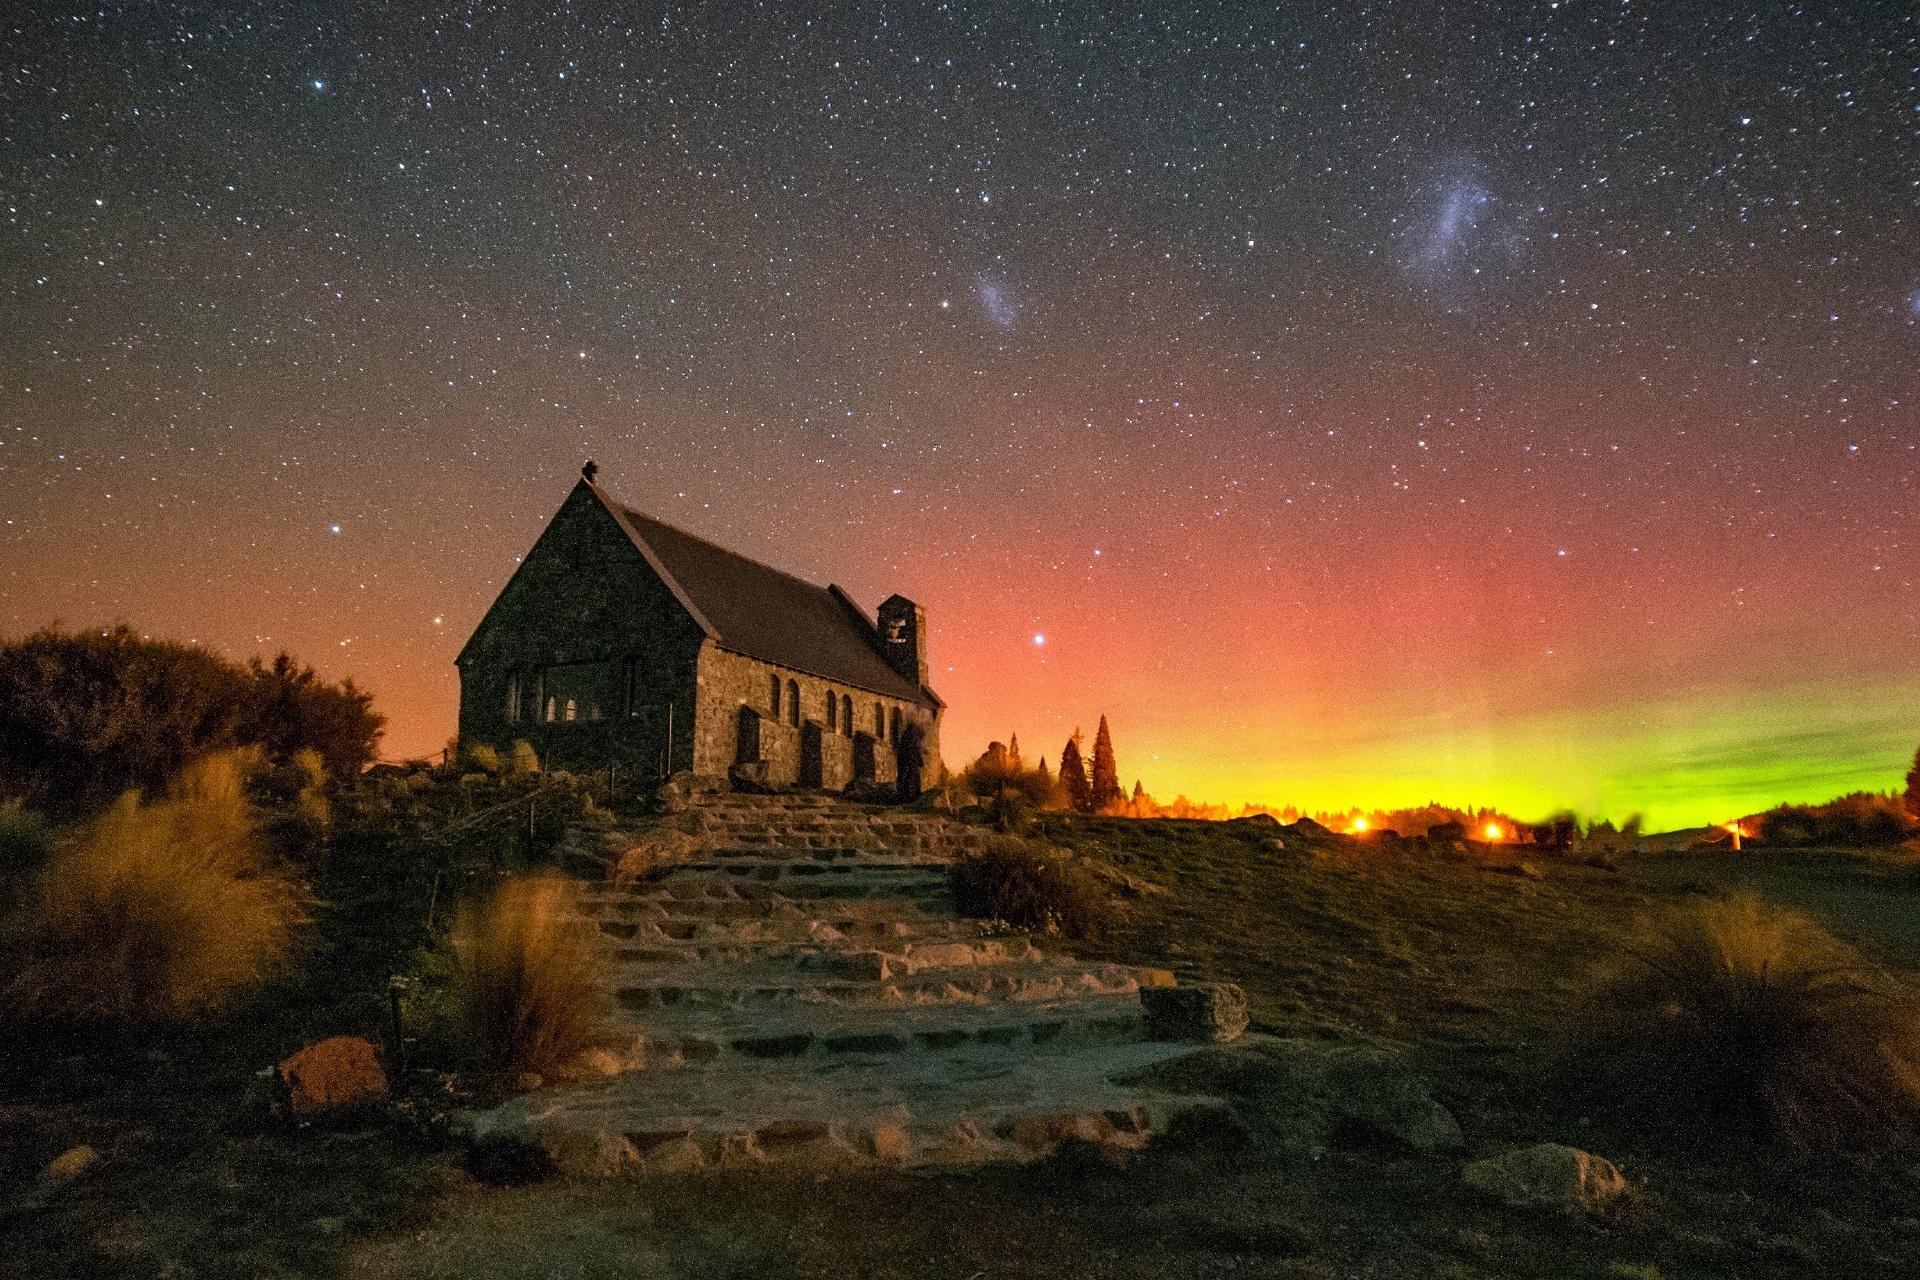 グッド・シェパード教会とオーロラの風景 ニュージーランドの風景